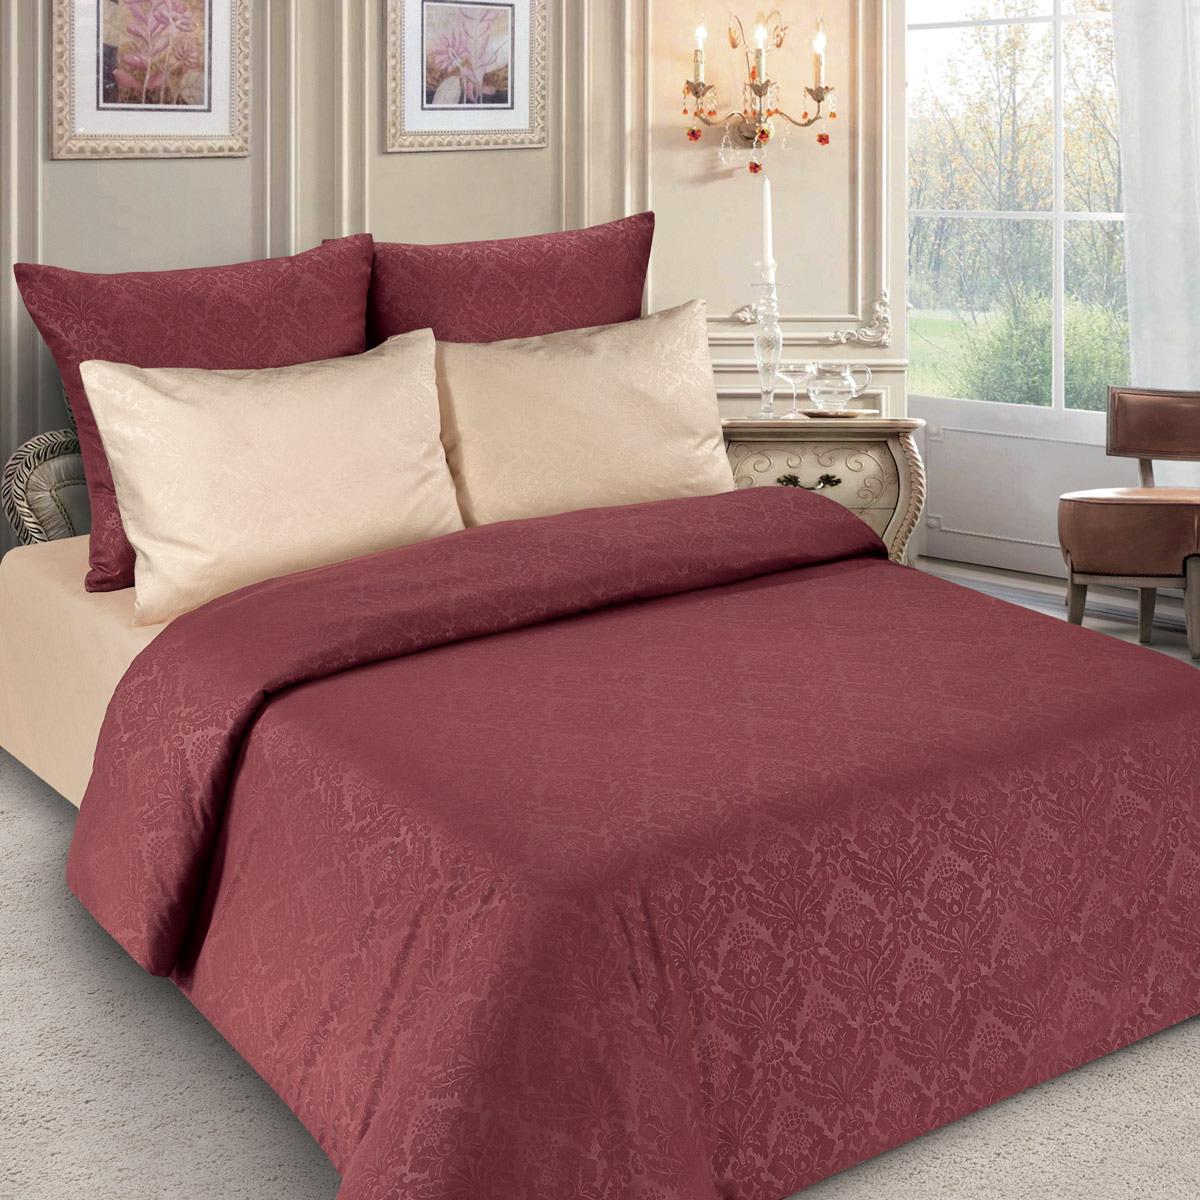 Комплект постельного белья Letto, PS134-3, красный, 1,5 спальный, наволочки 70x70